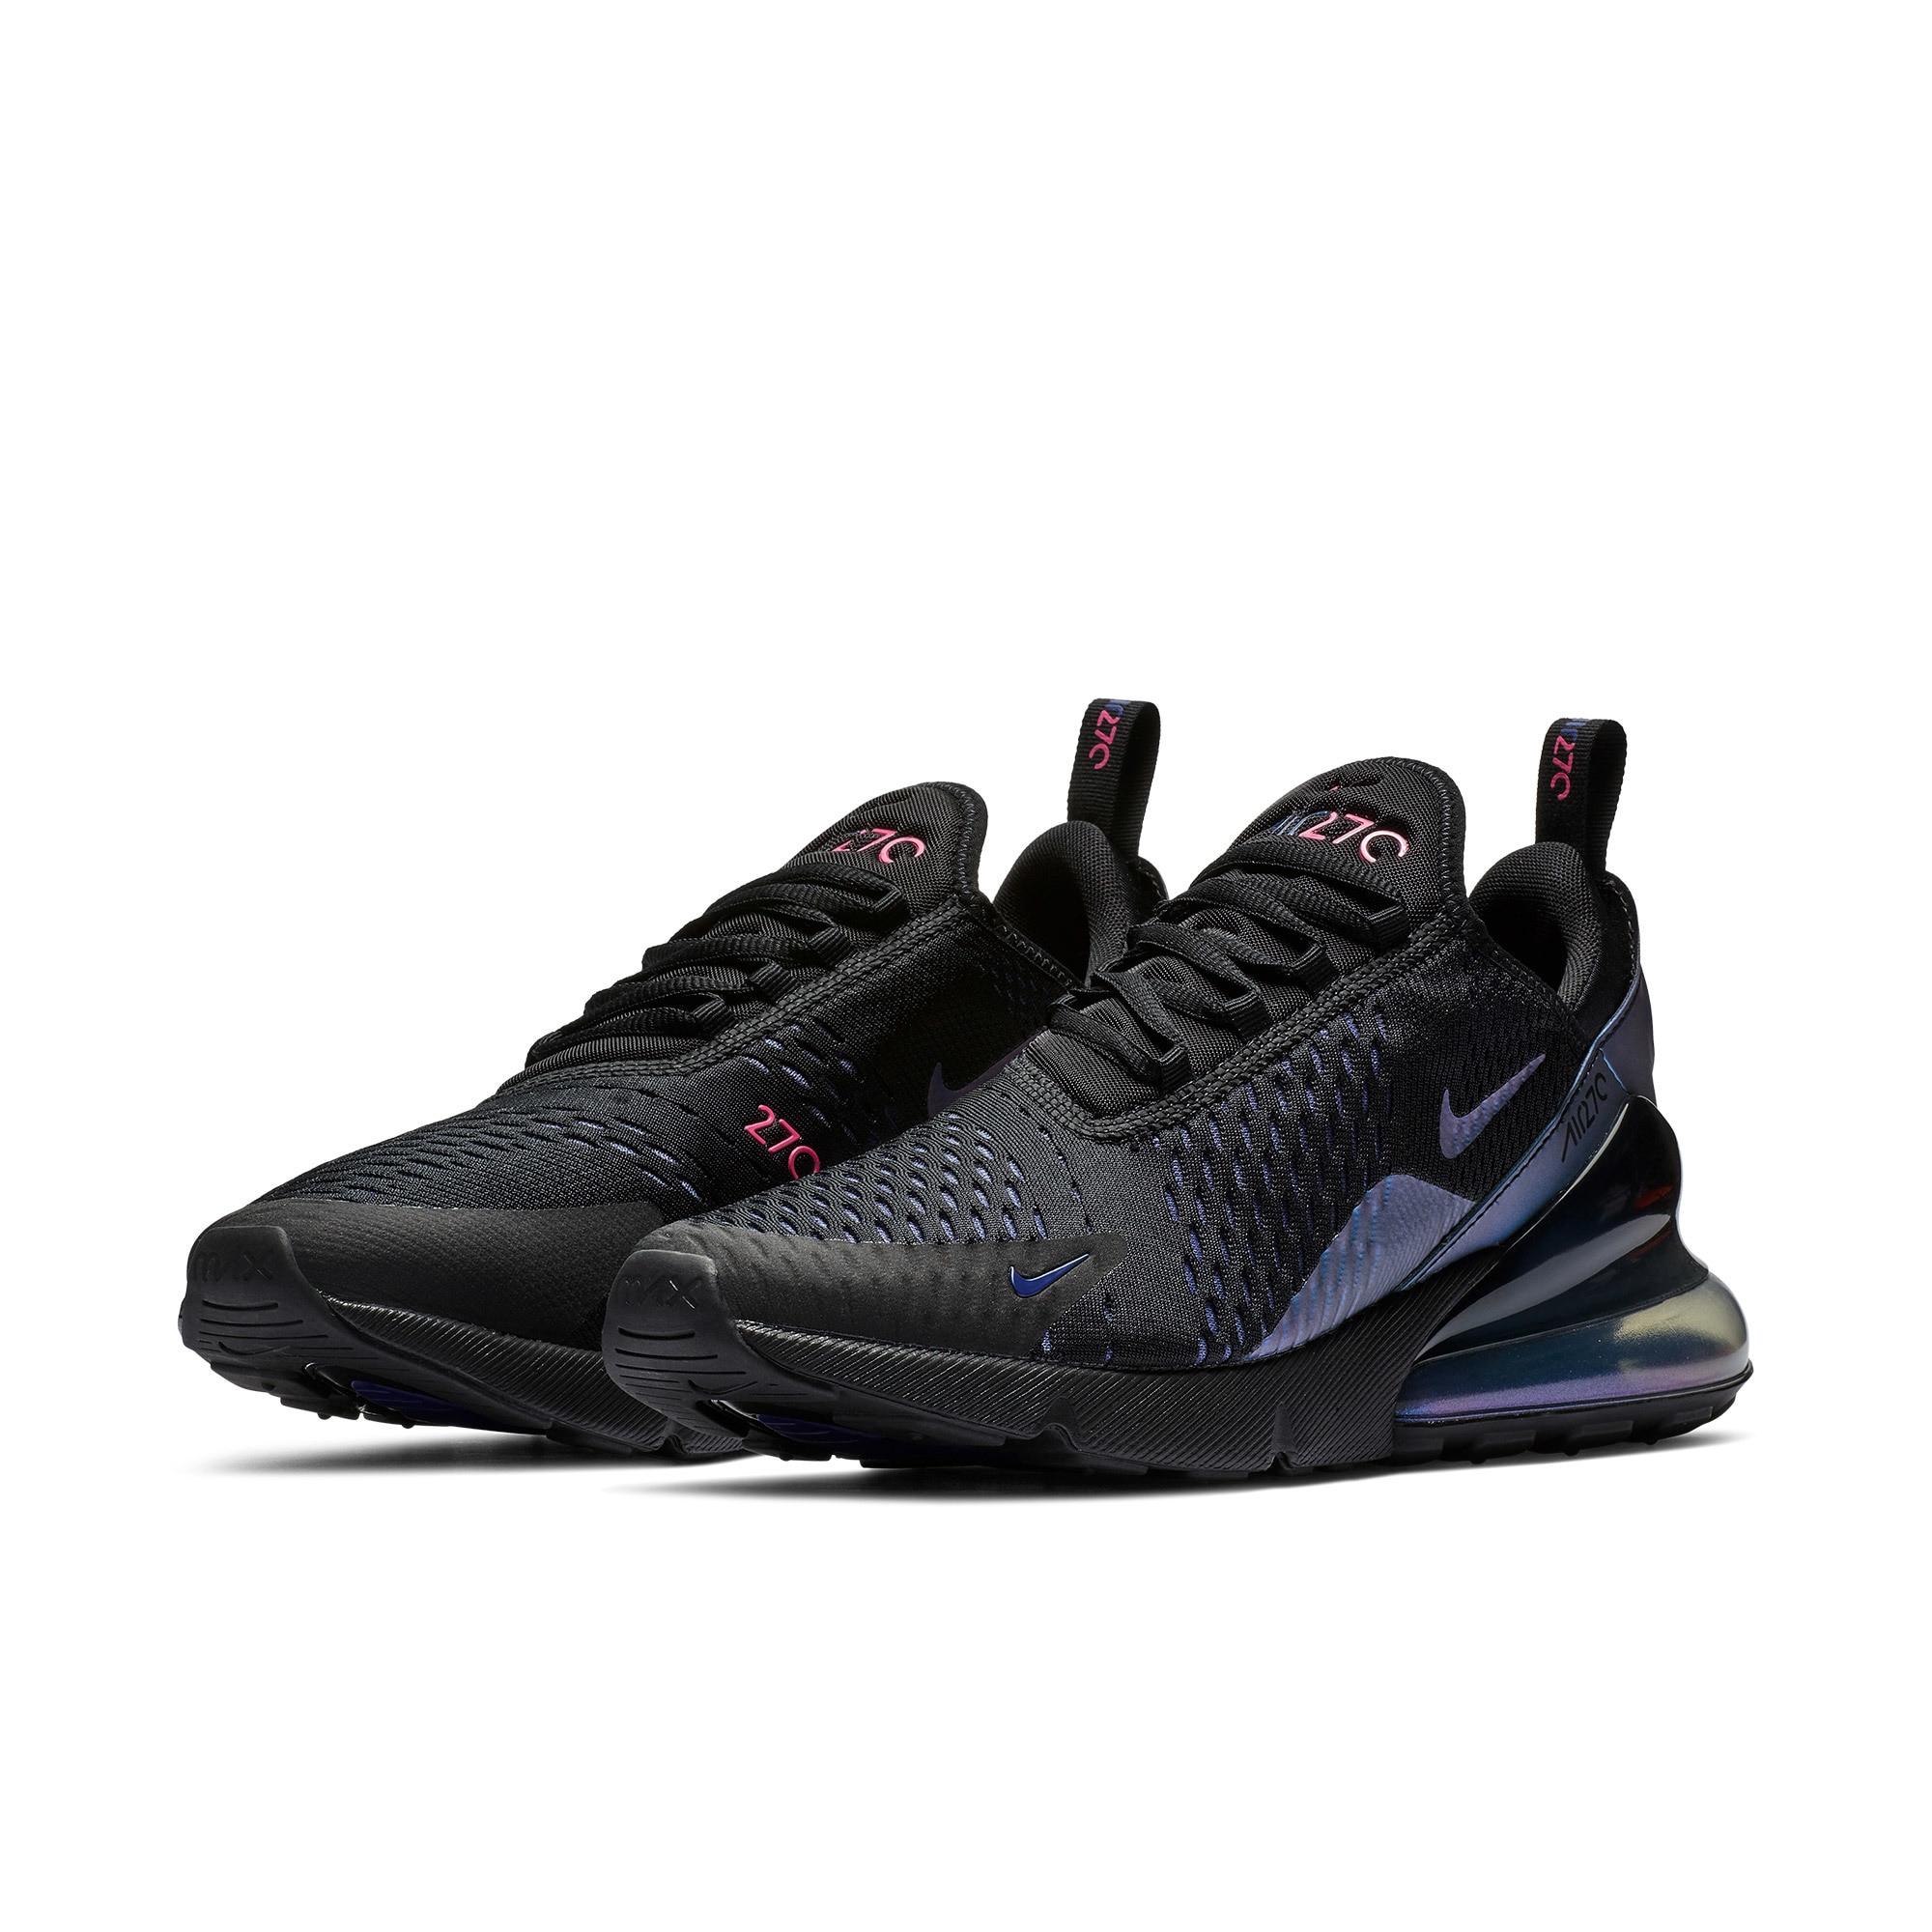 Achat Nike Officiel Air Max 270 Chaussures De Course Coussin